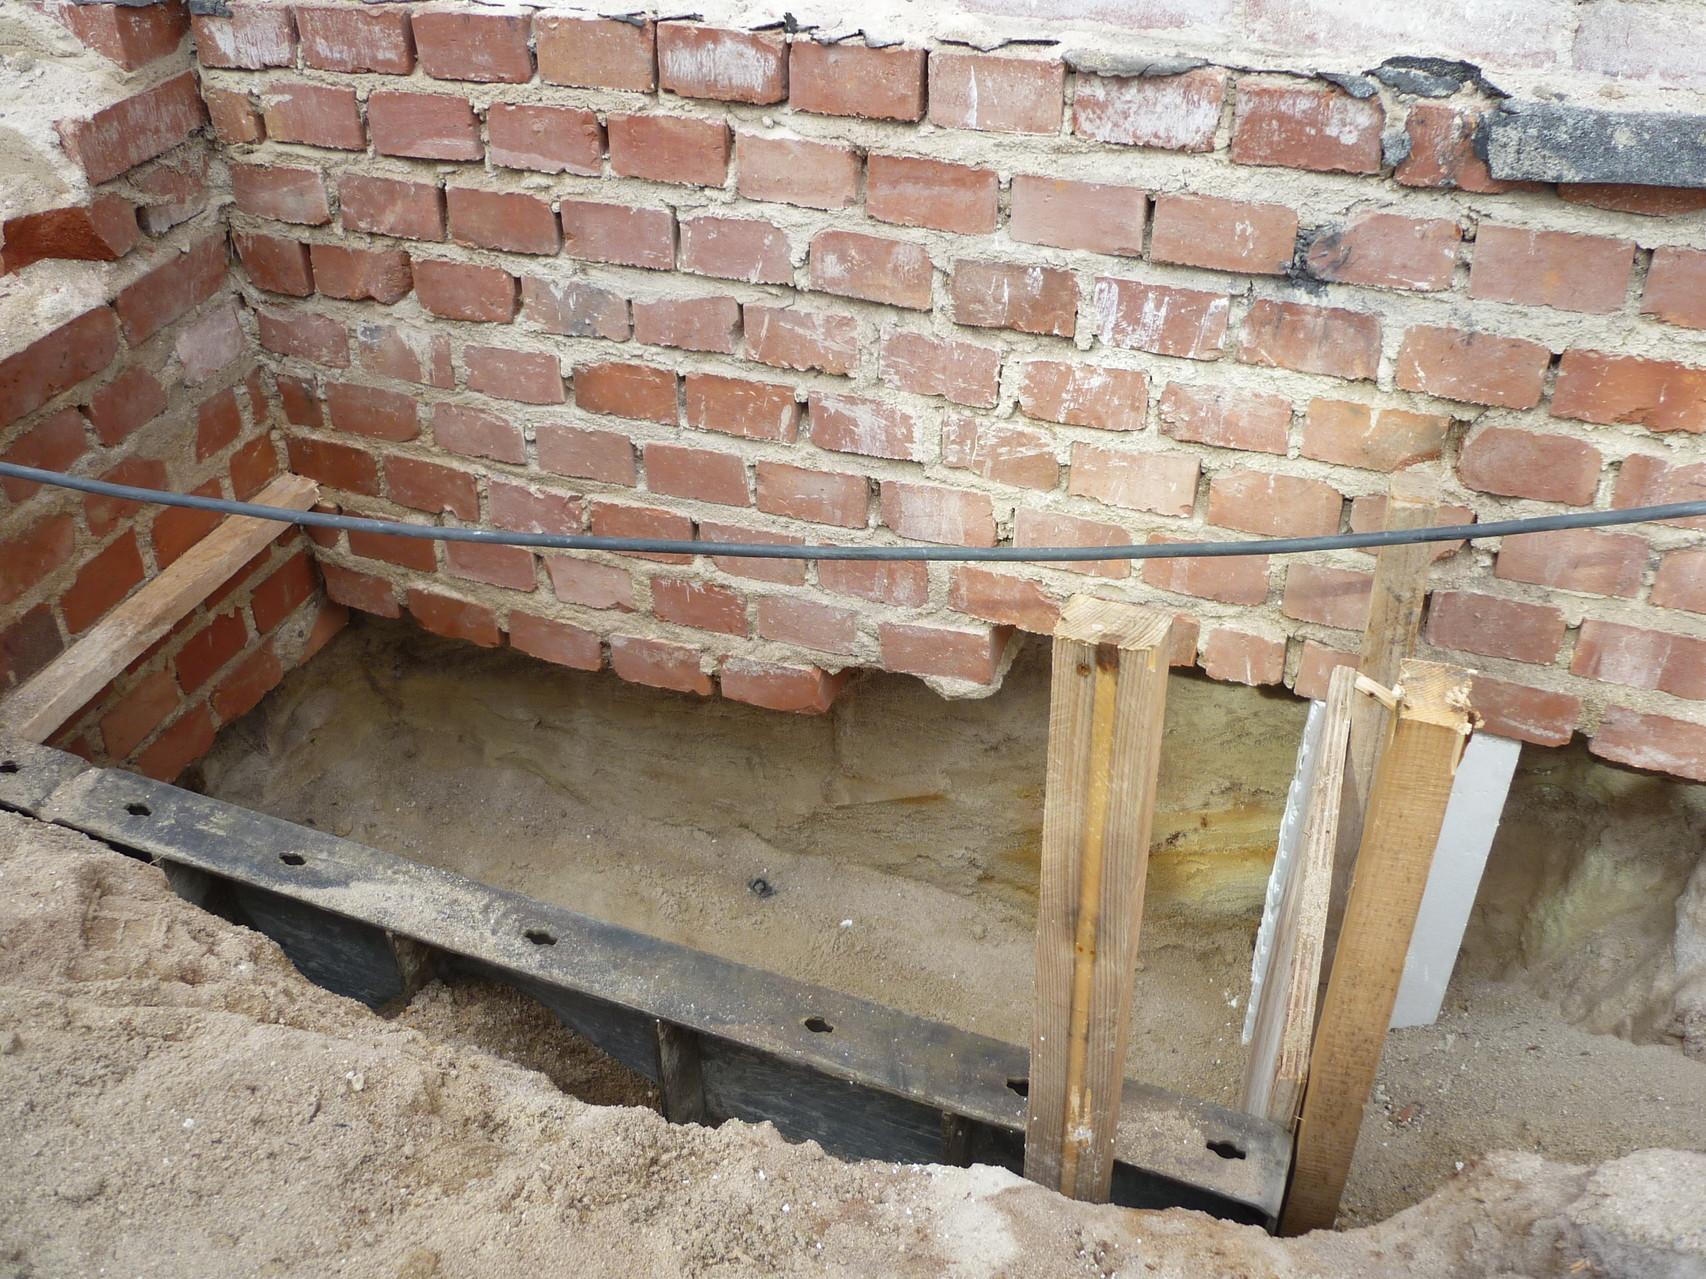 Projekt: Fundamentunterfangungsarbeiten – Altbau